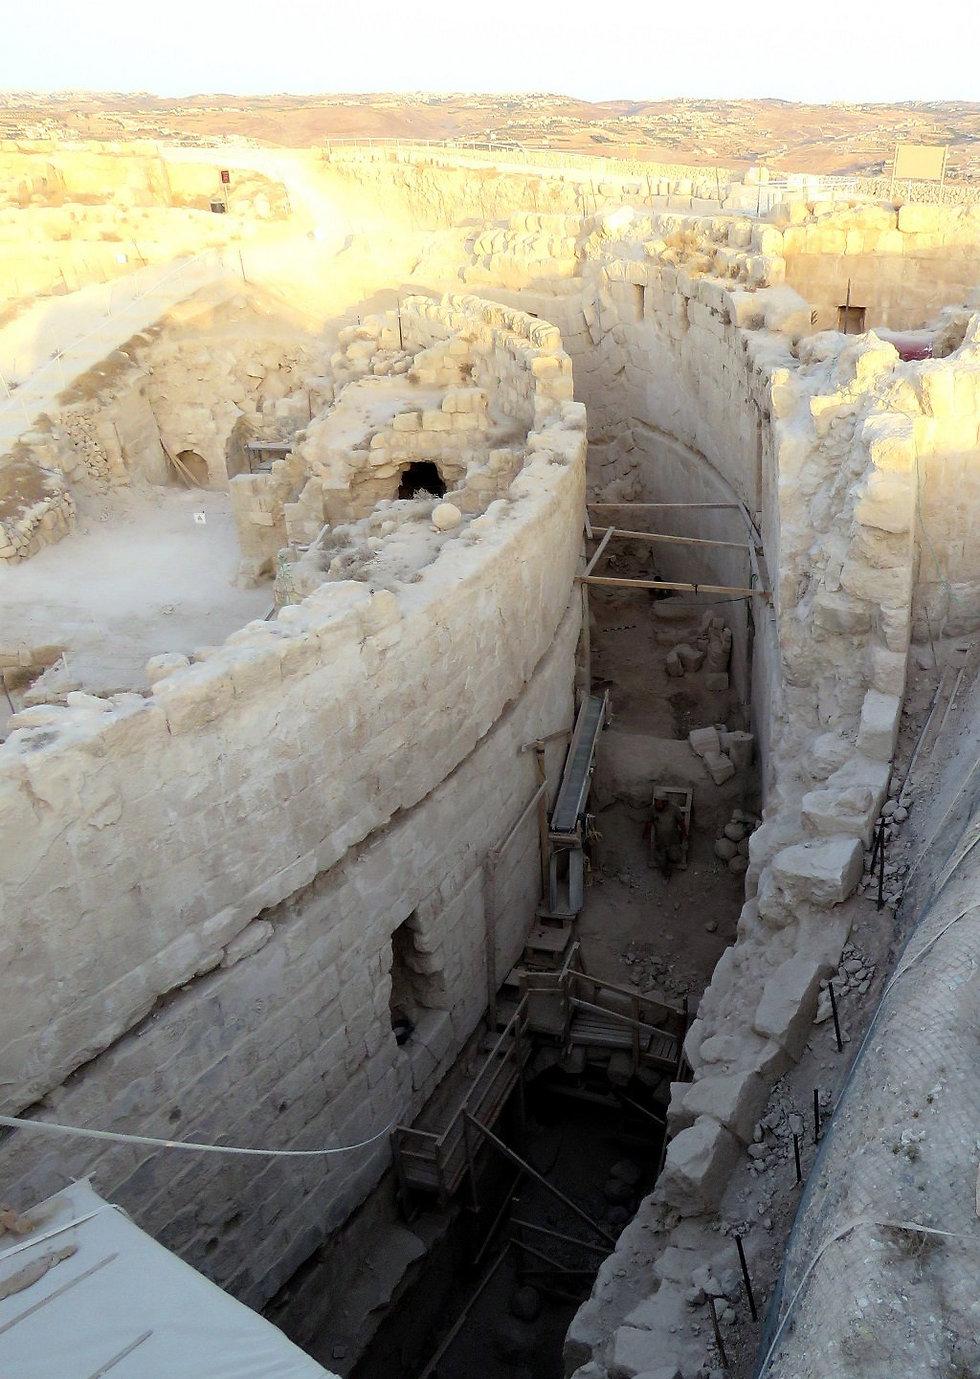 המעטפת של ארמון מבצר ההר בהרודיון, בו נמצאו שרידי היקב של הורדוס (צילום: רועי פורת) (צילום: רועי פורת)